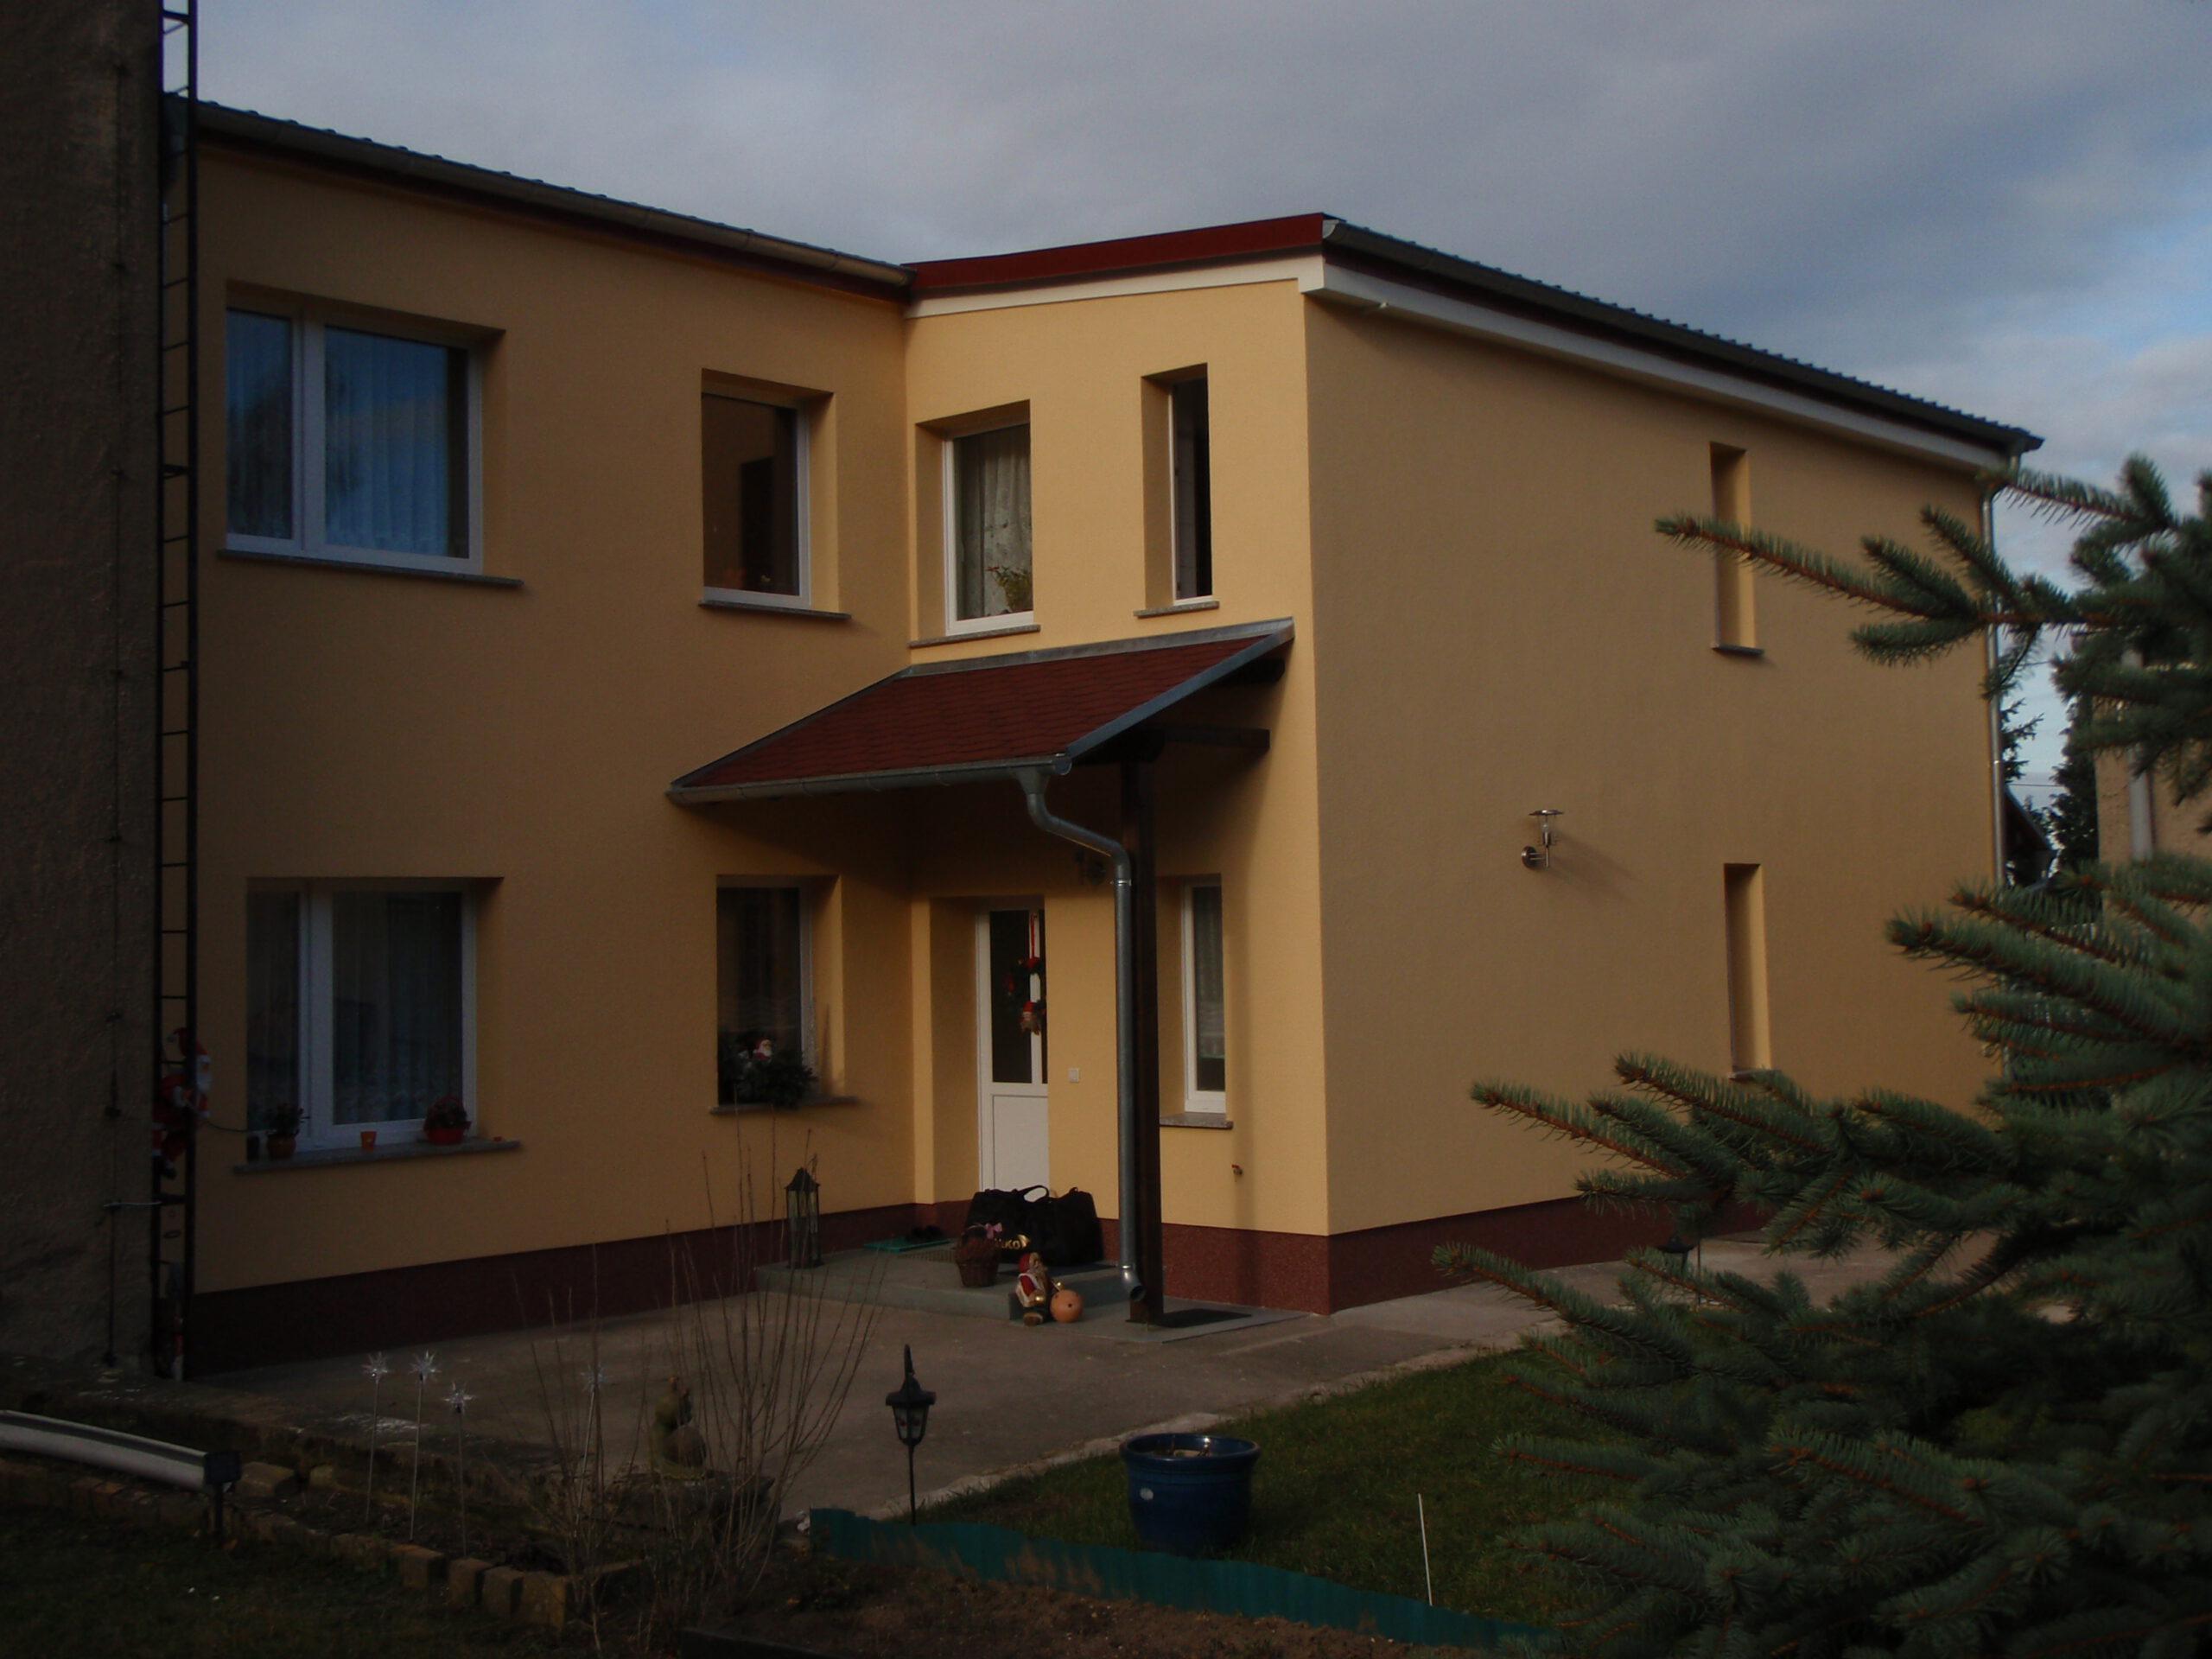 Gemütliche 1-Raum-Wohnung auf dem Land